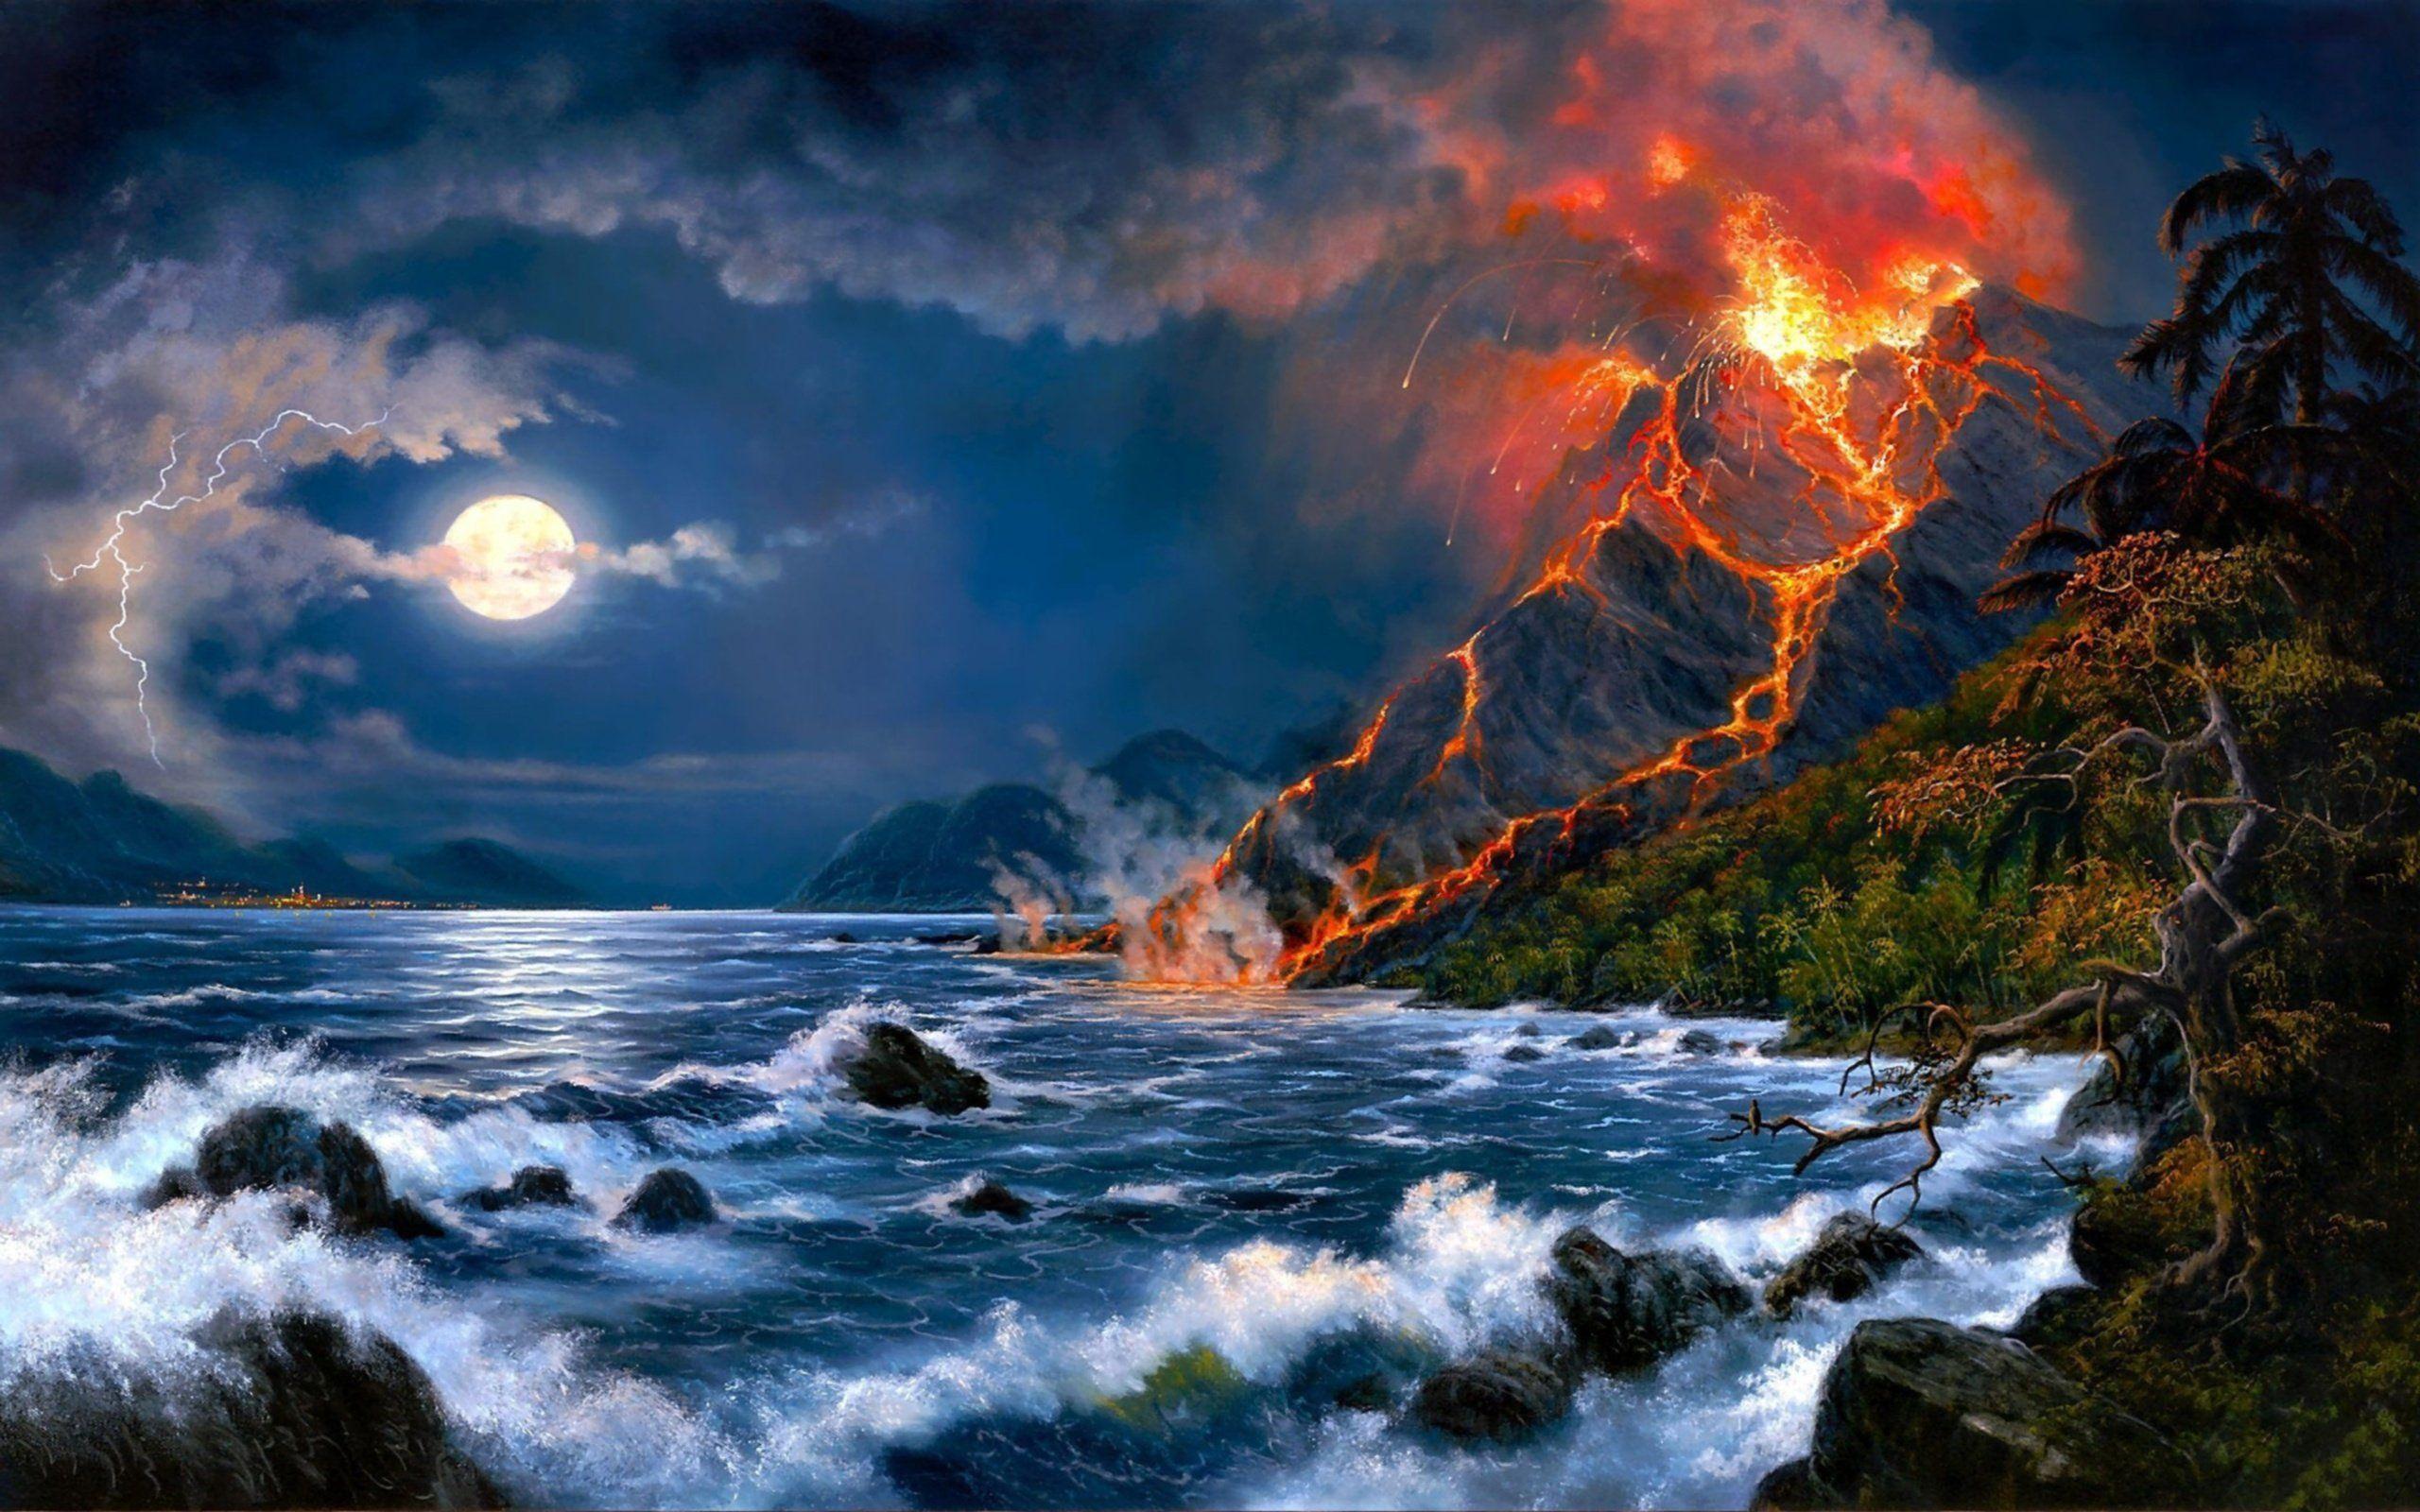 Beautiful Wallpaper Mountain Art - bdcbc42b78f6eb9a3bd4fe3129201449  Image_142720.jpg